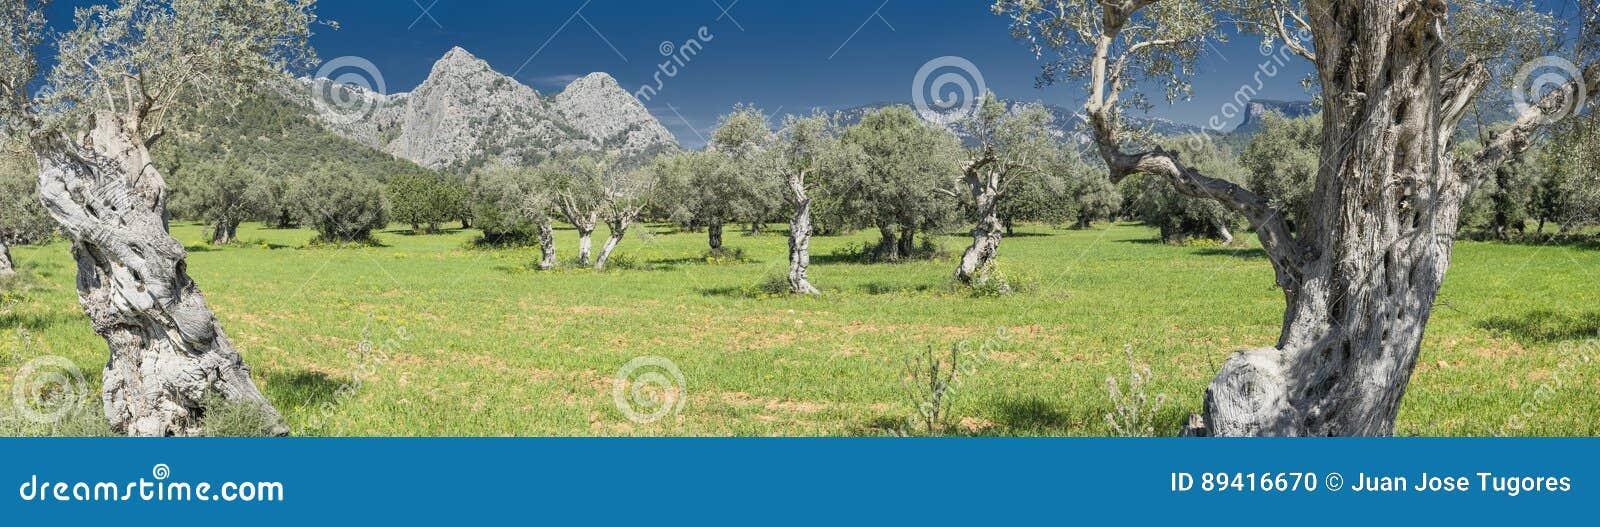 Bosque verde-oliva na ilha de Mallorca